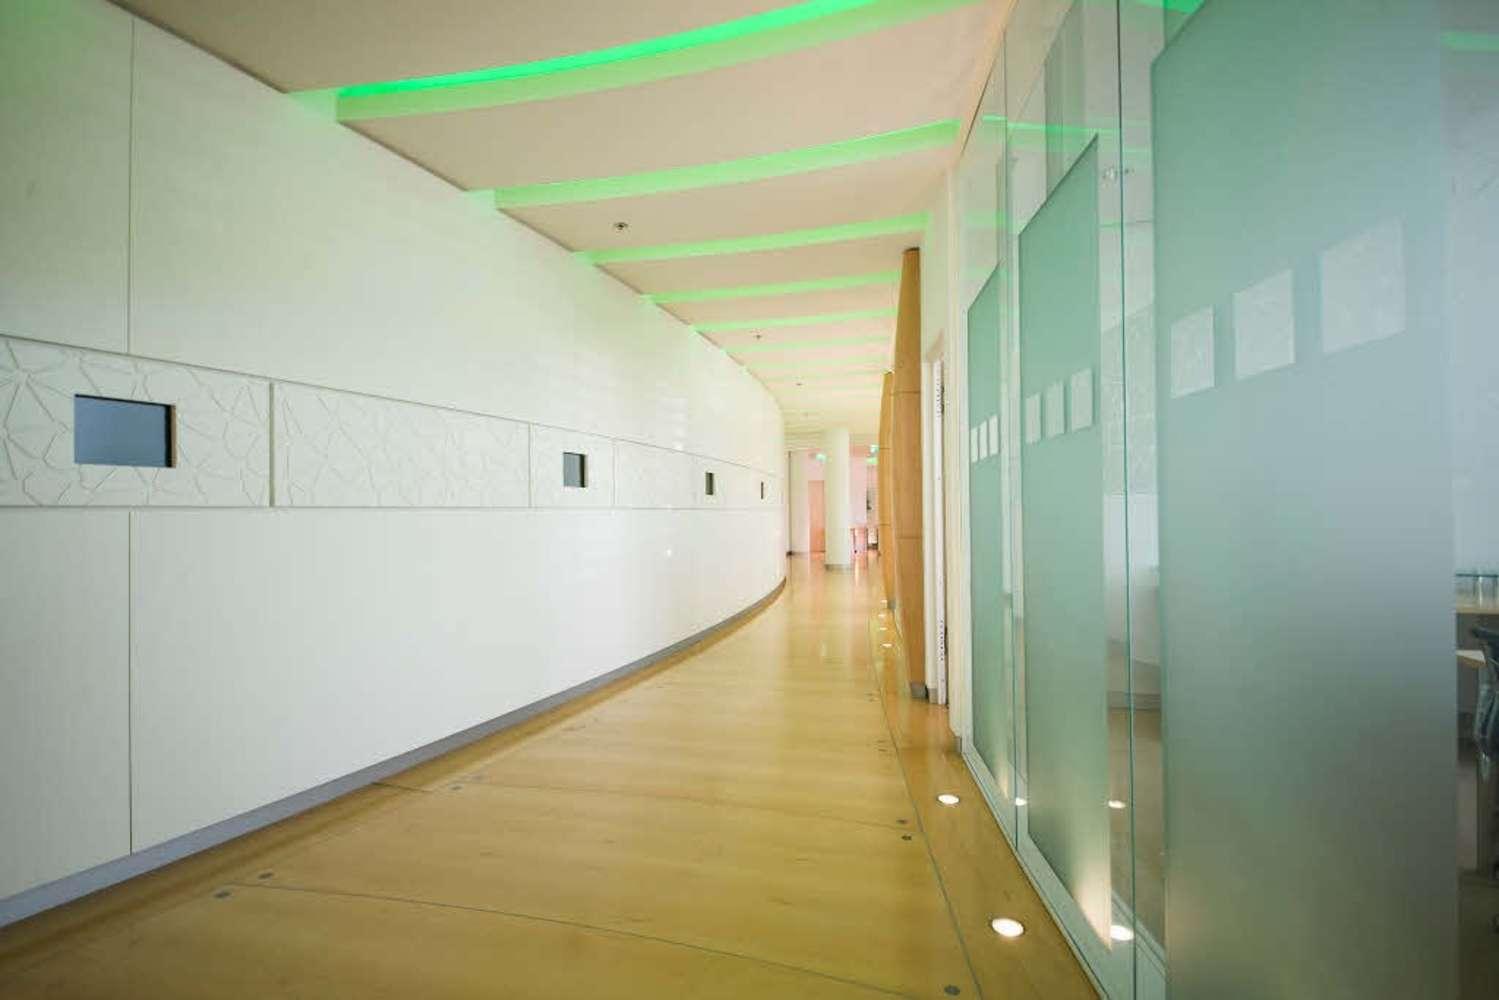 Büros Nürnberg, 90411 - Büro - Nürnberg, Schafhof - M1233 - 9411058